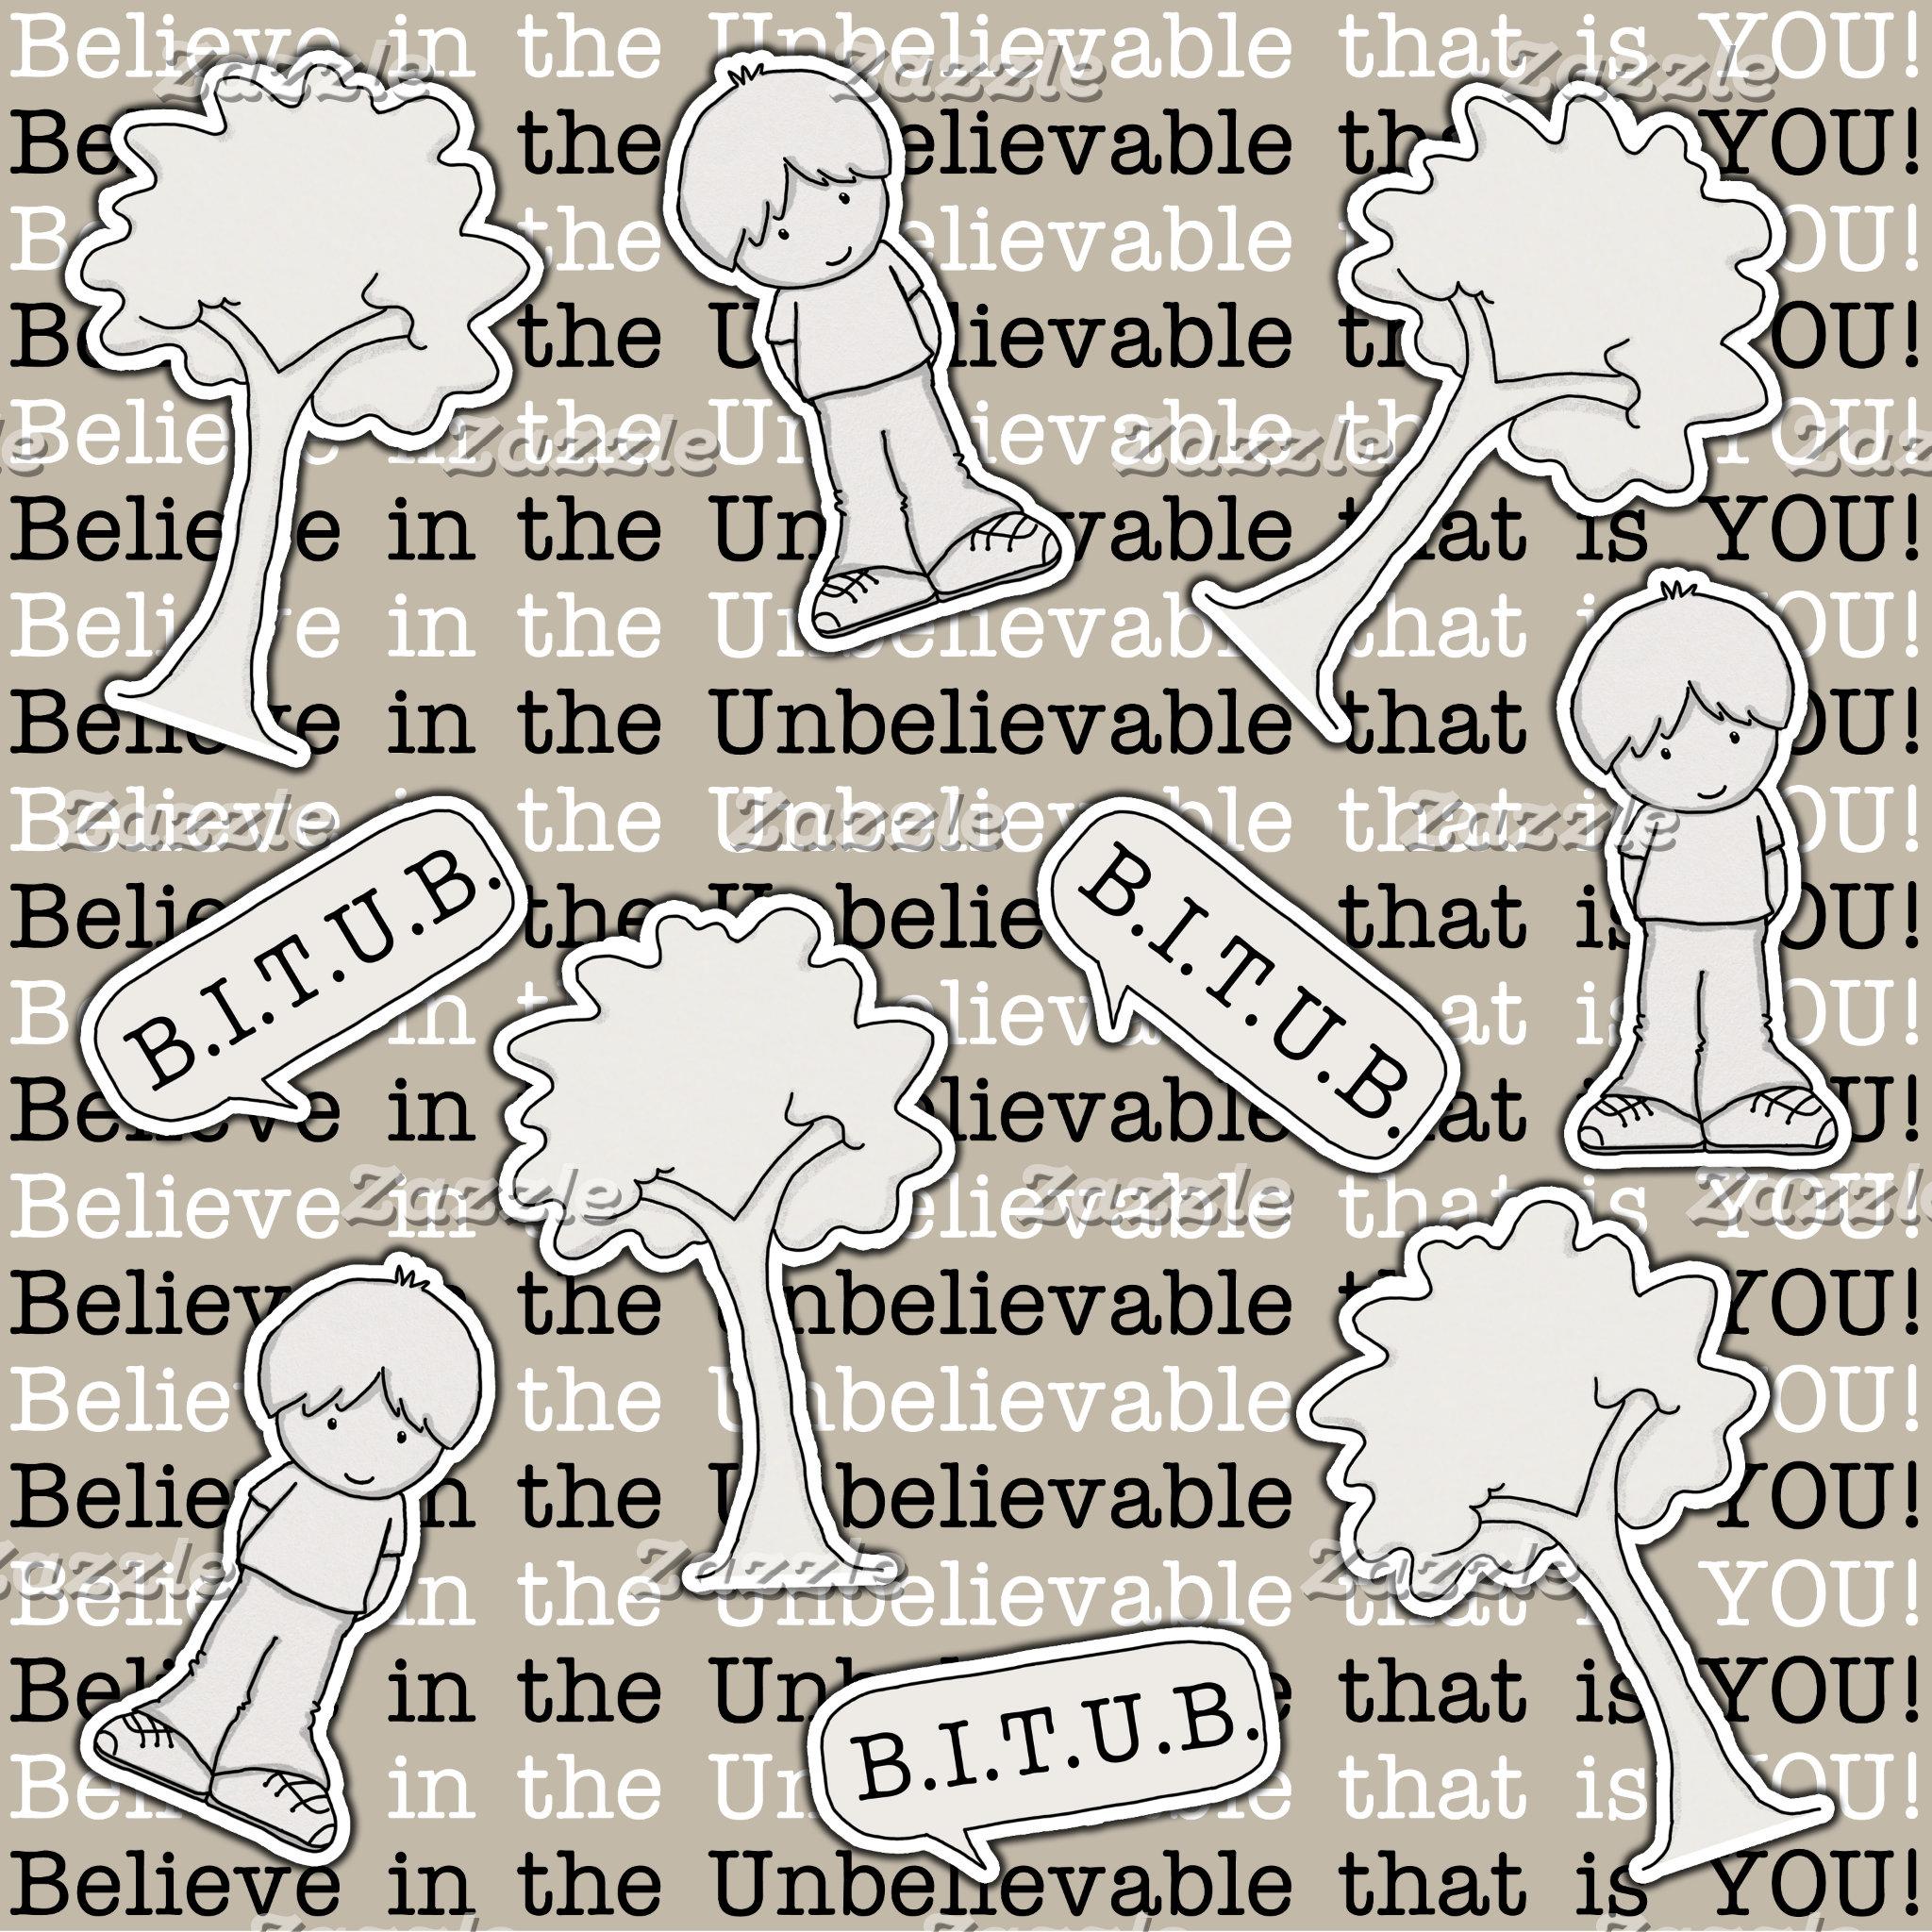 BITUB Pattern (Believe in the Unbelievable)